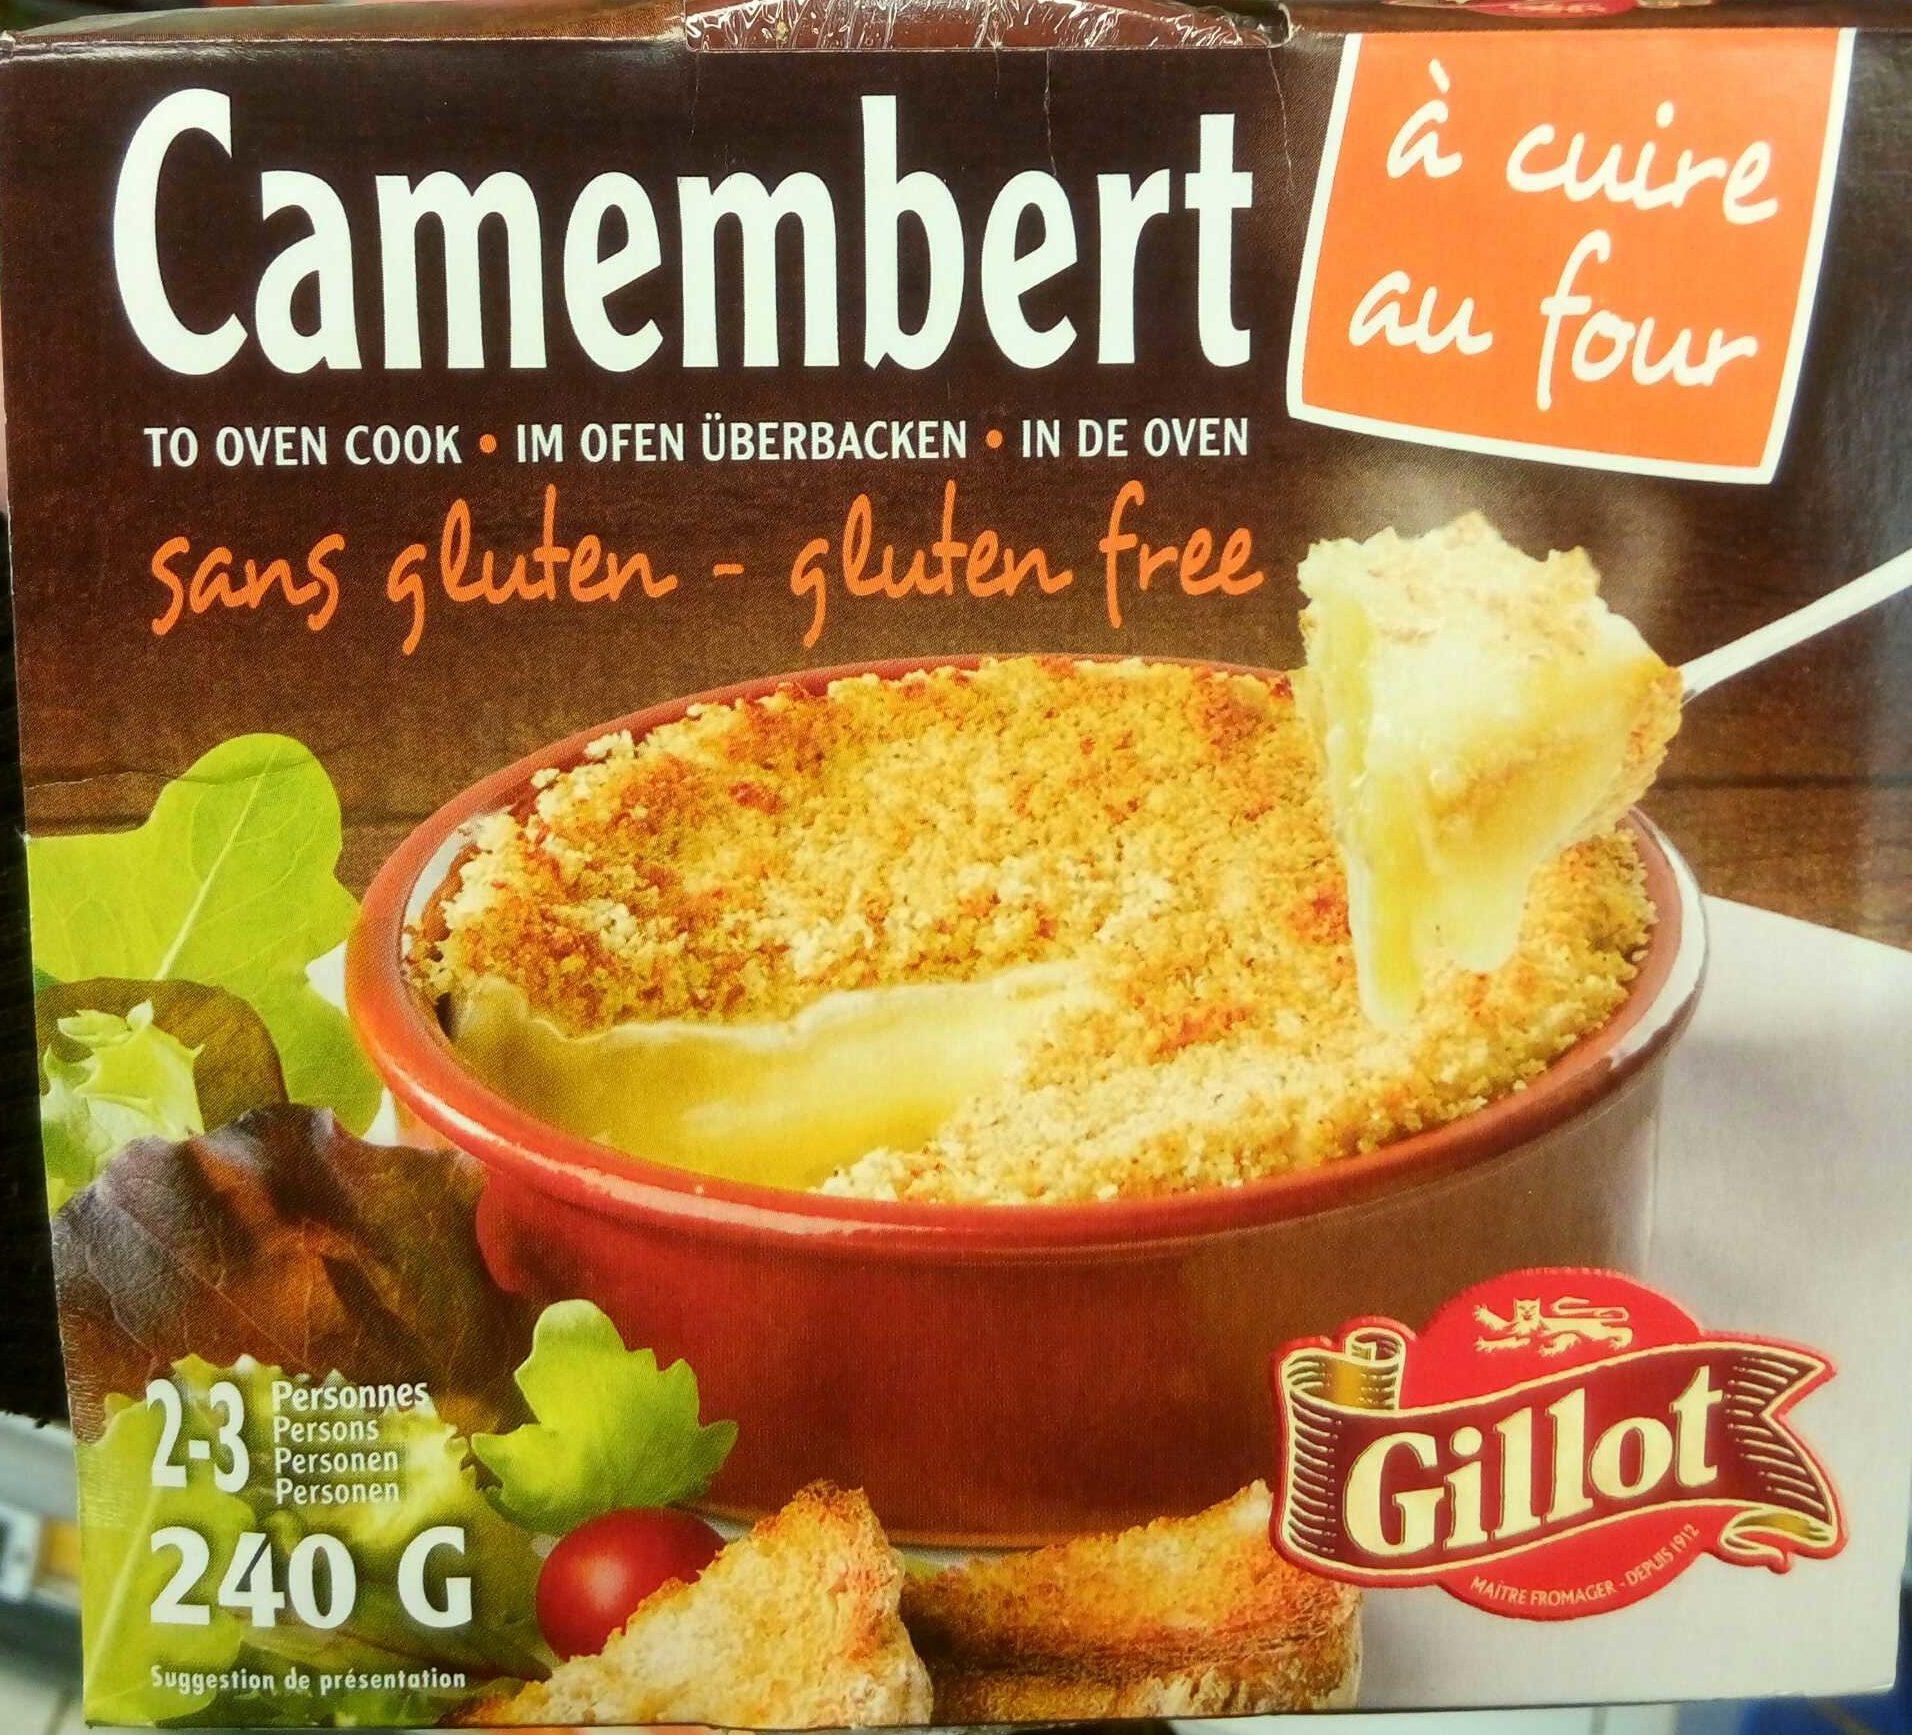 Camembert à cuire au four - Produit - fr